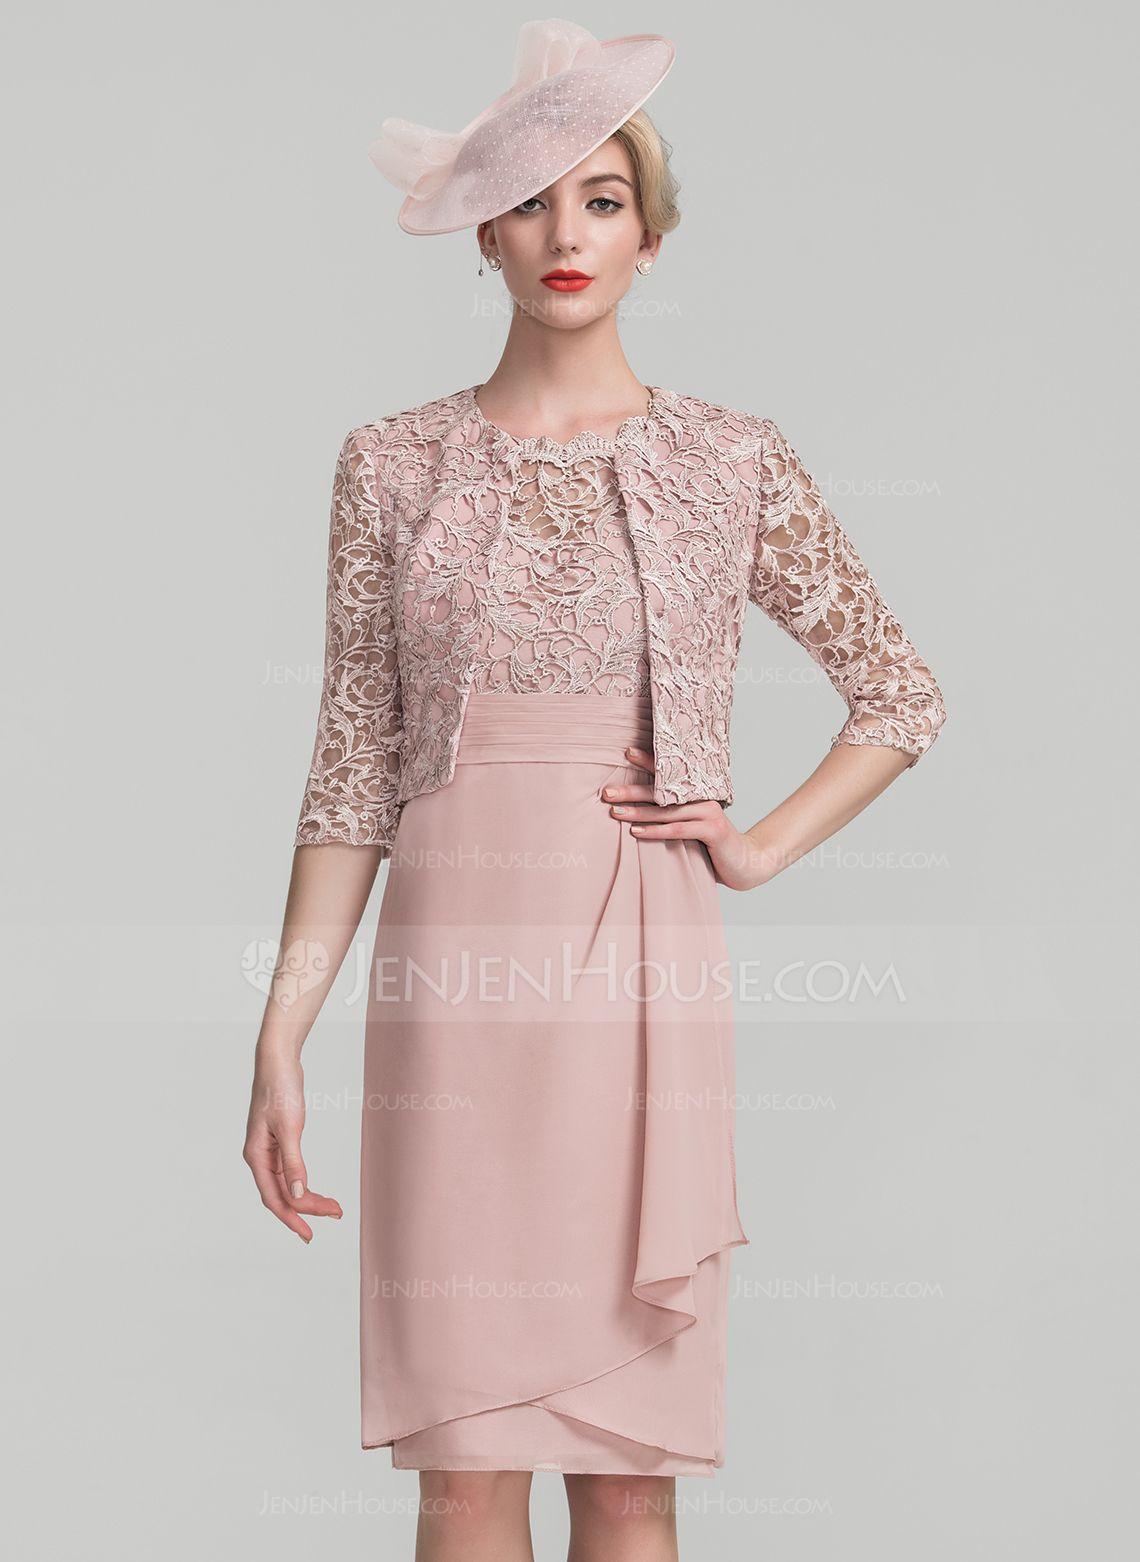 Etui-Linie U-Ausschnitt Knielang Chiffon Spitze Kleid für die Brautmutter  mit Gestufte Rüschen 075a9679f8